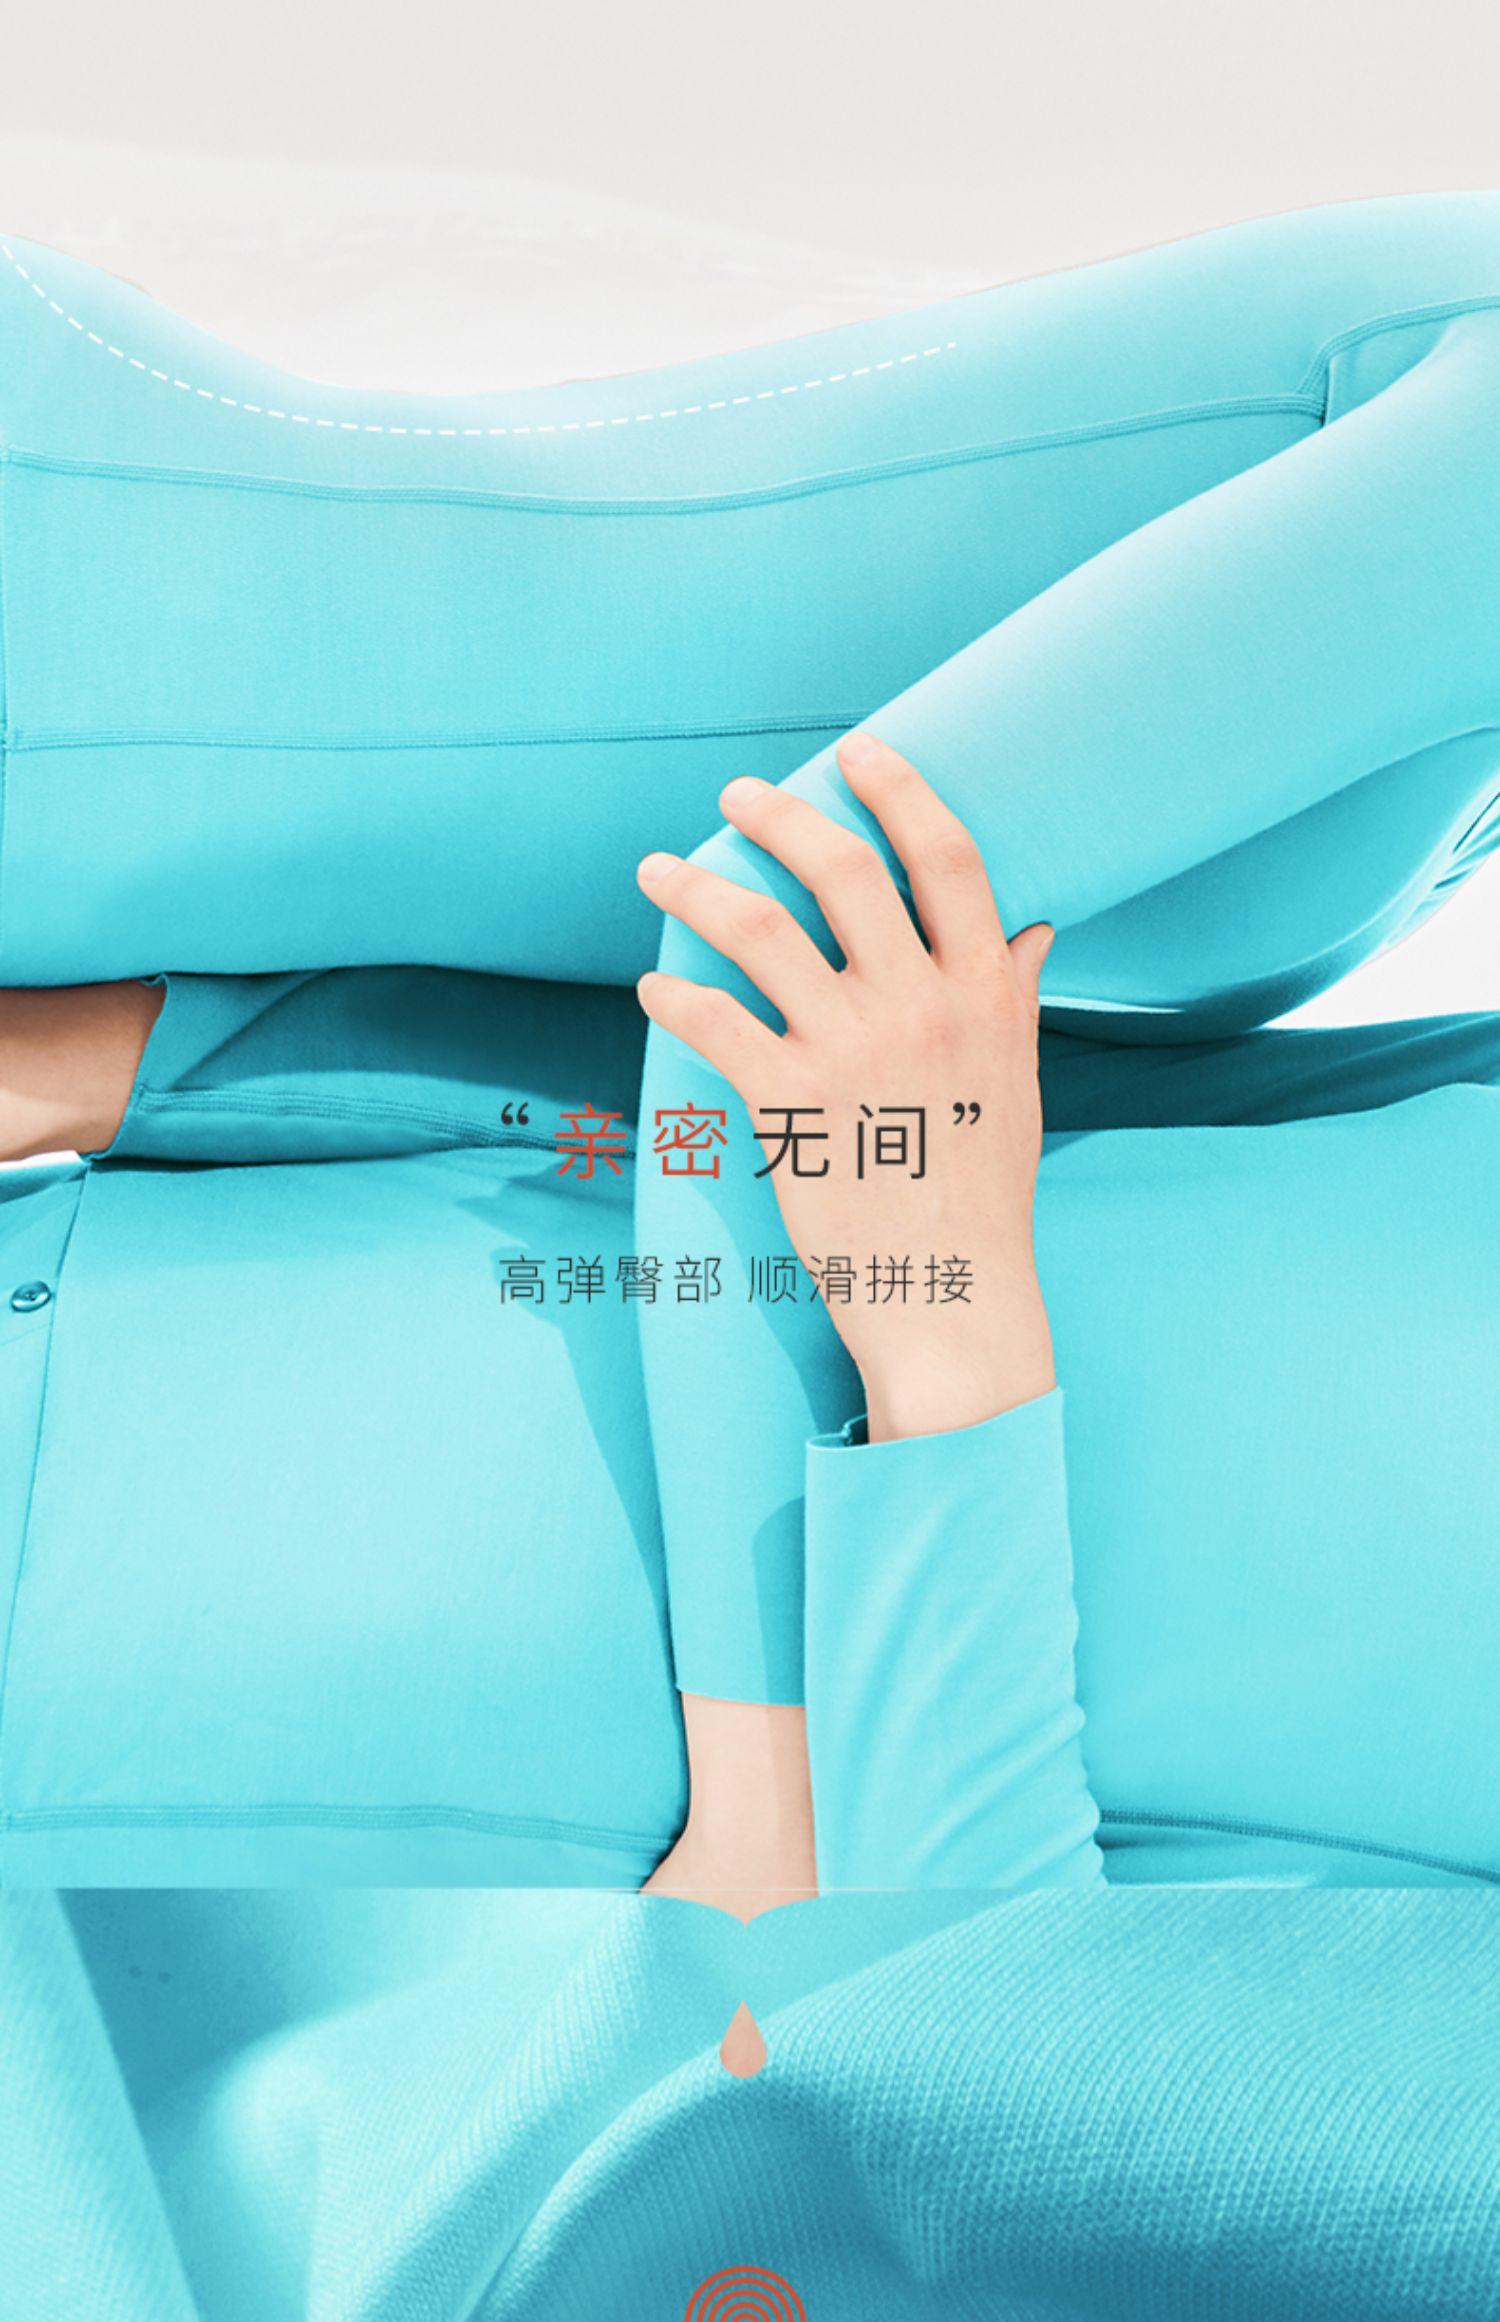 蒛一发热保暖内衣女薄款套装日本黑科技保暖内衣男无痕秋衣秋裤女商品详情图